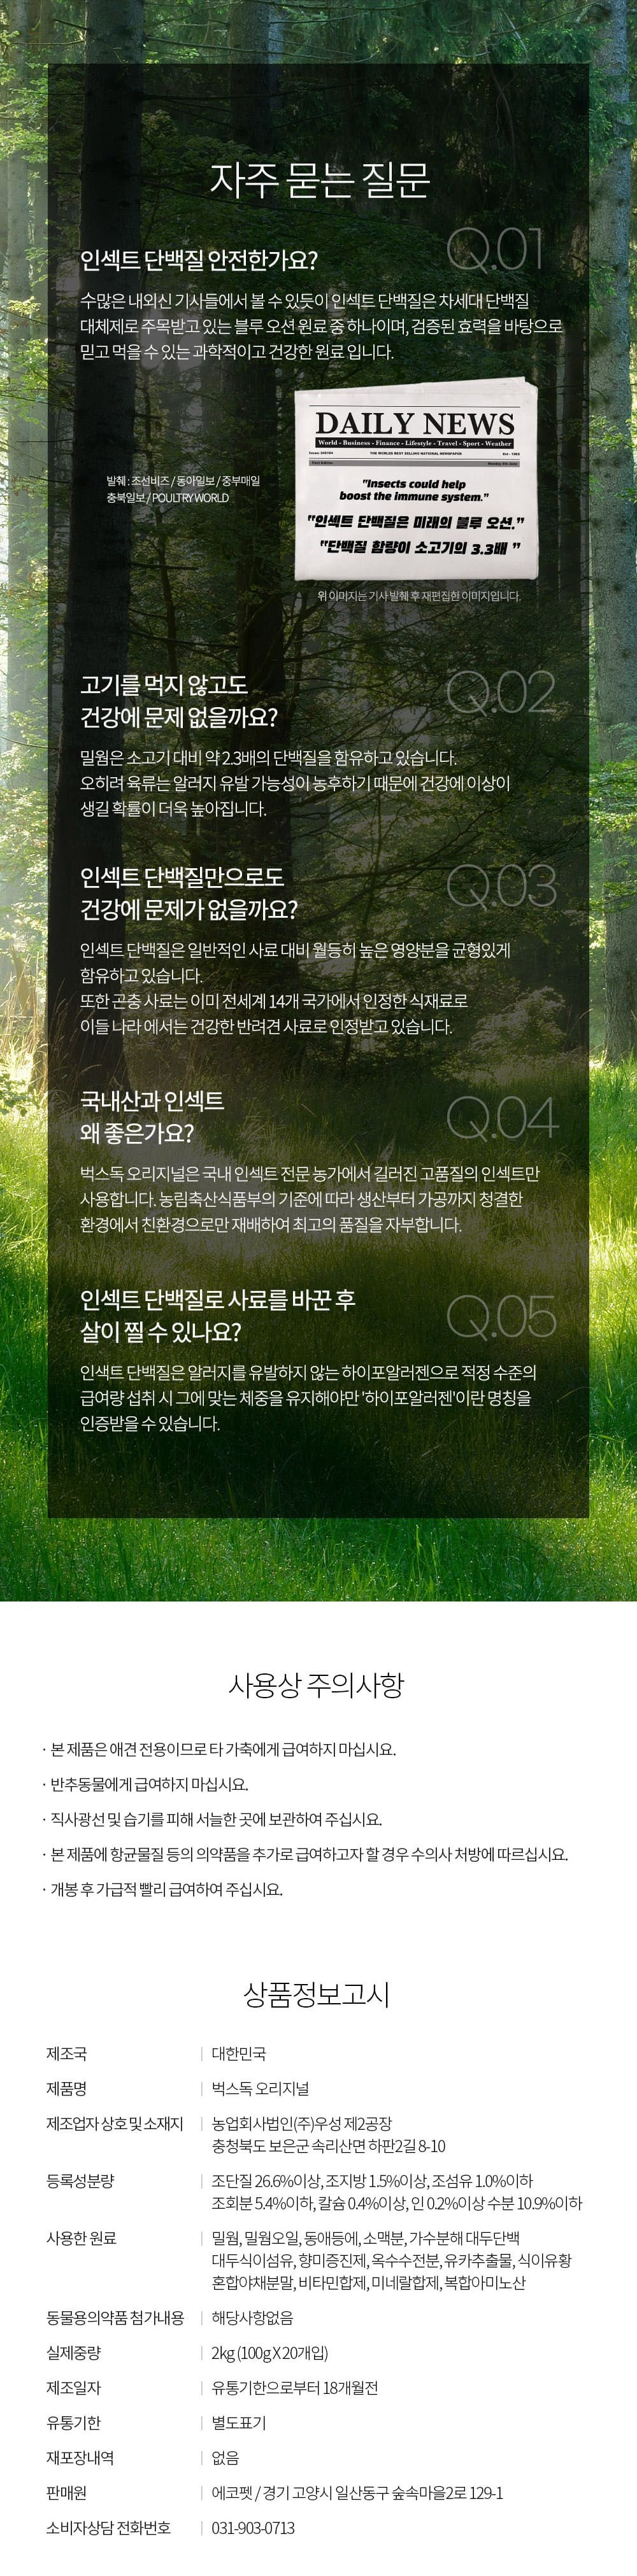 [오구오구특가]벅스펫 벅스독 오리지널 2kg (2개세트)-상품이미지-8